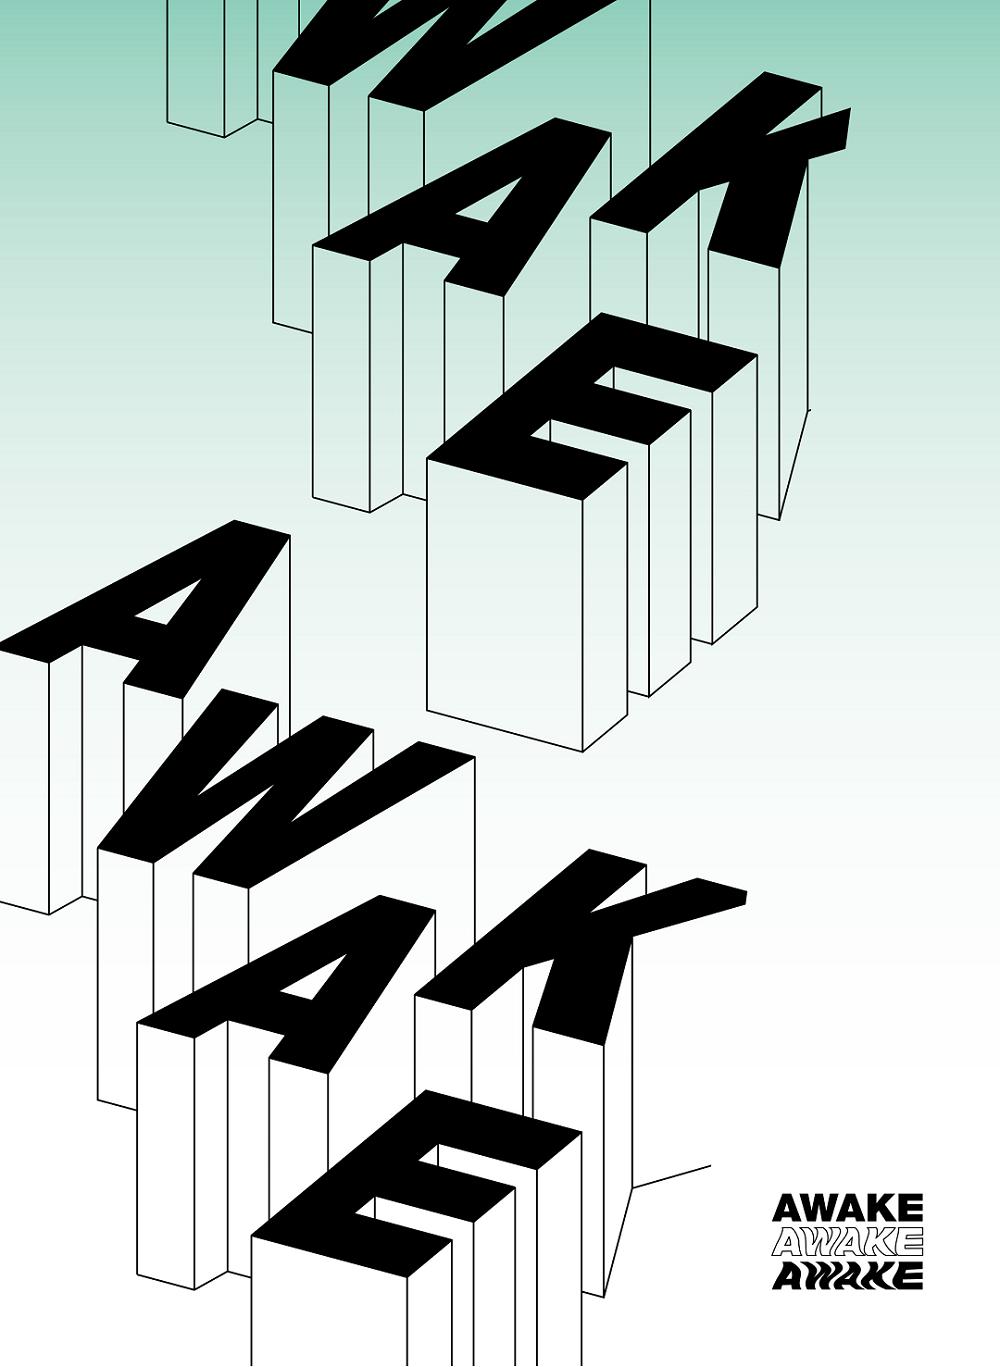 Awake (JBJ95)